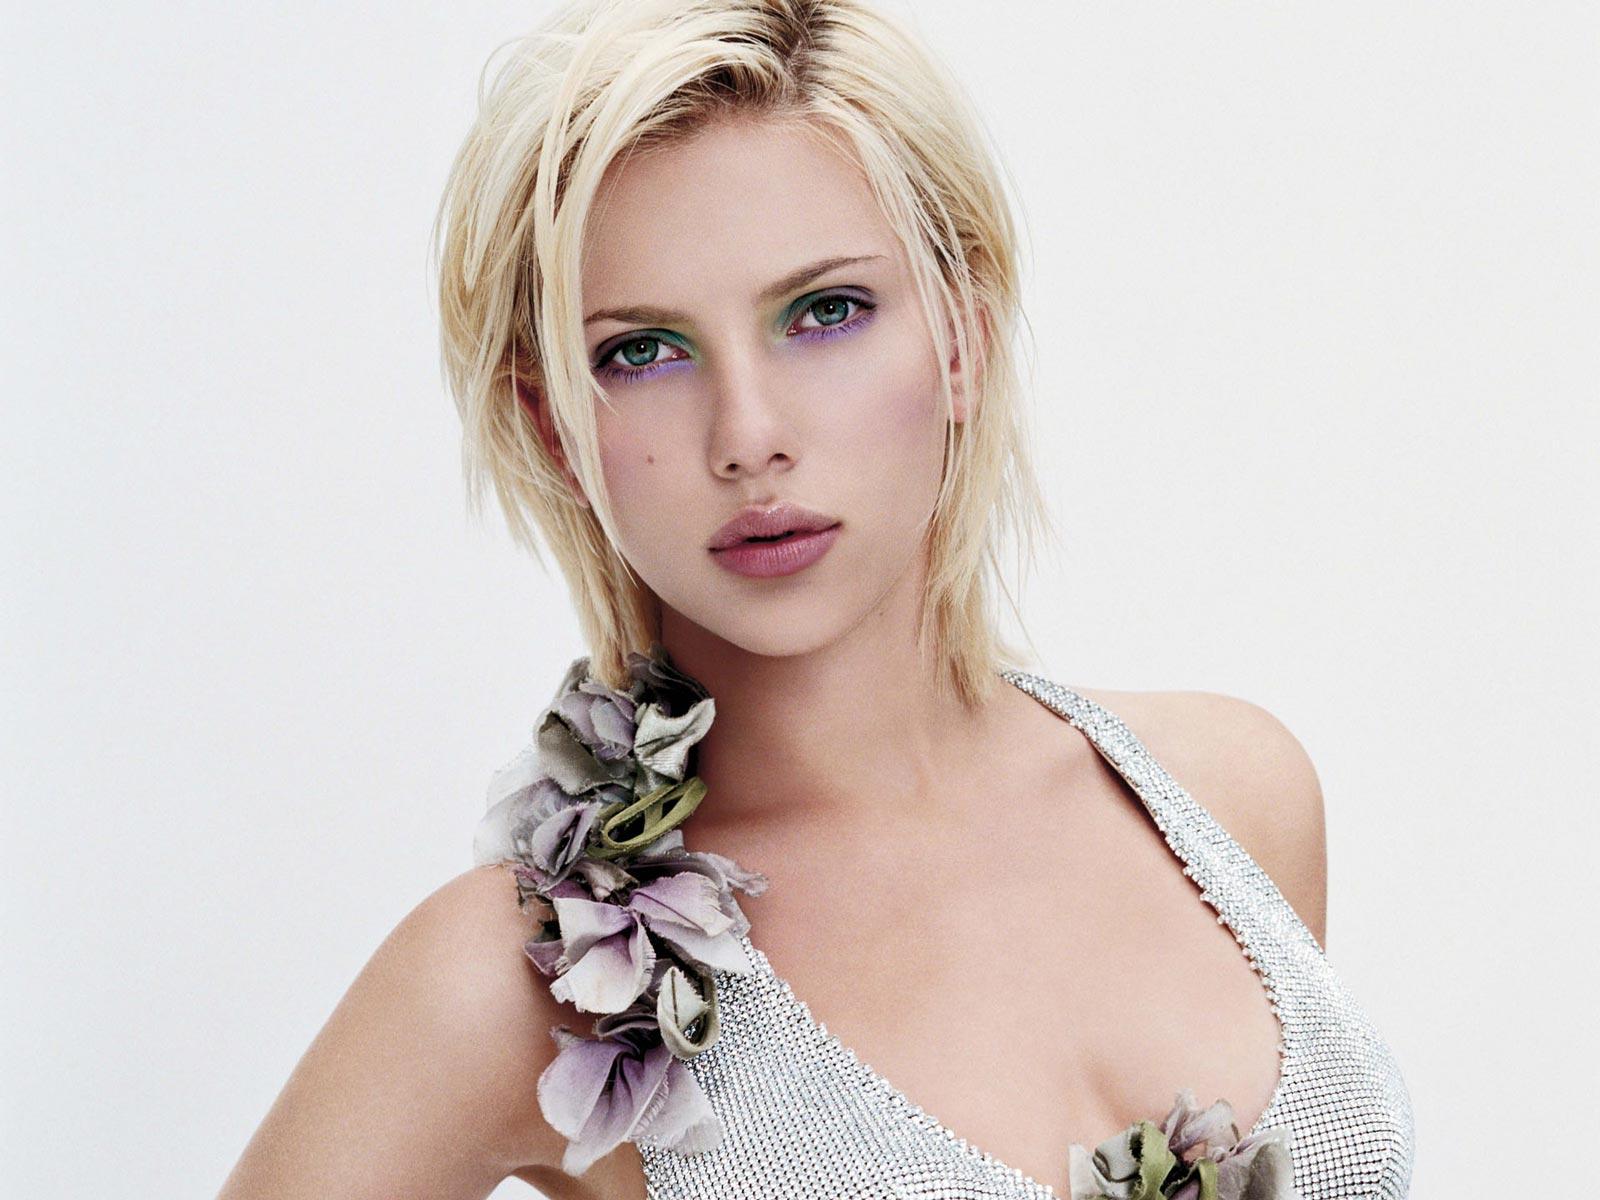 Scarlett johansson semi nude-4103